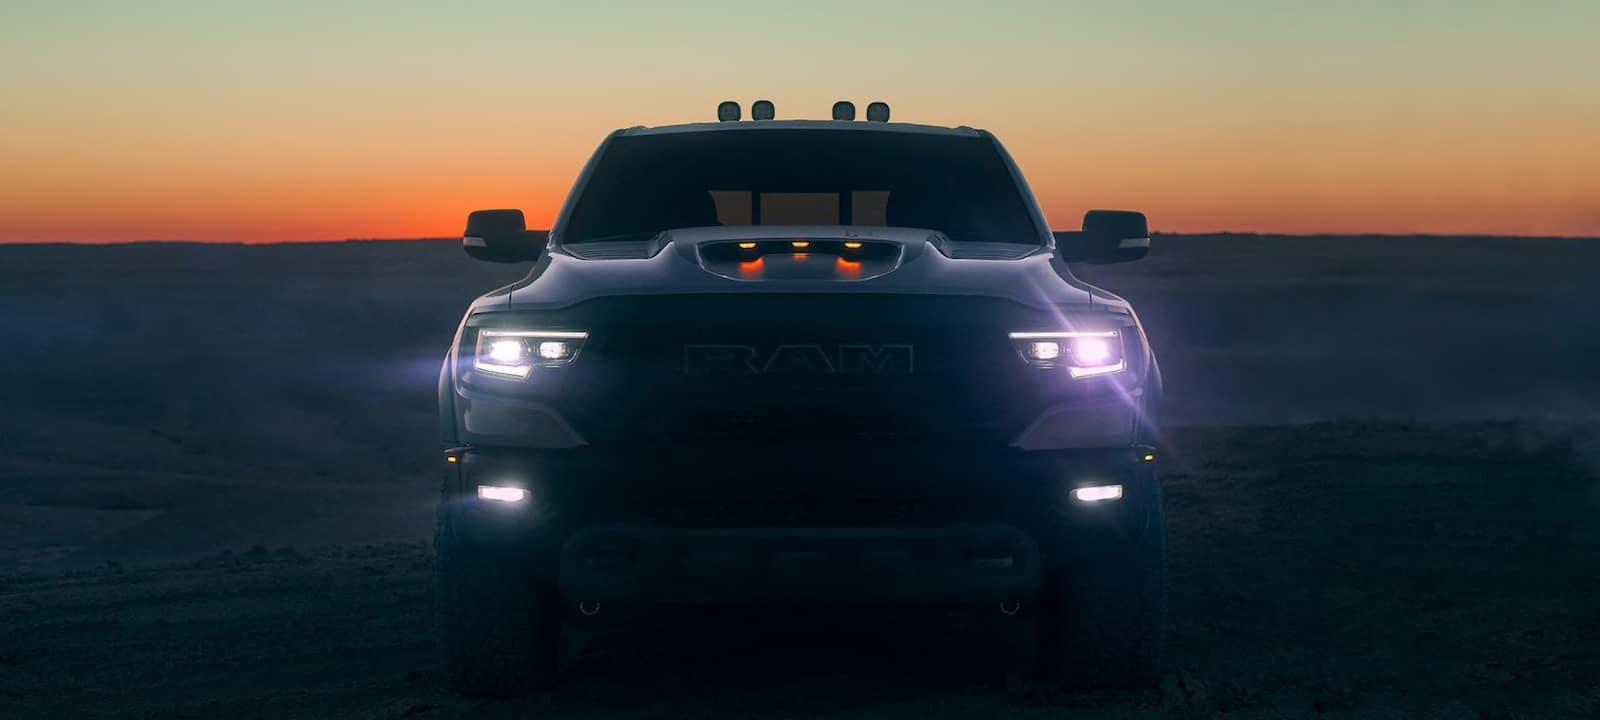 2021 RAM 1500 TRX exterior design